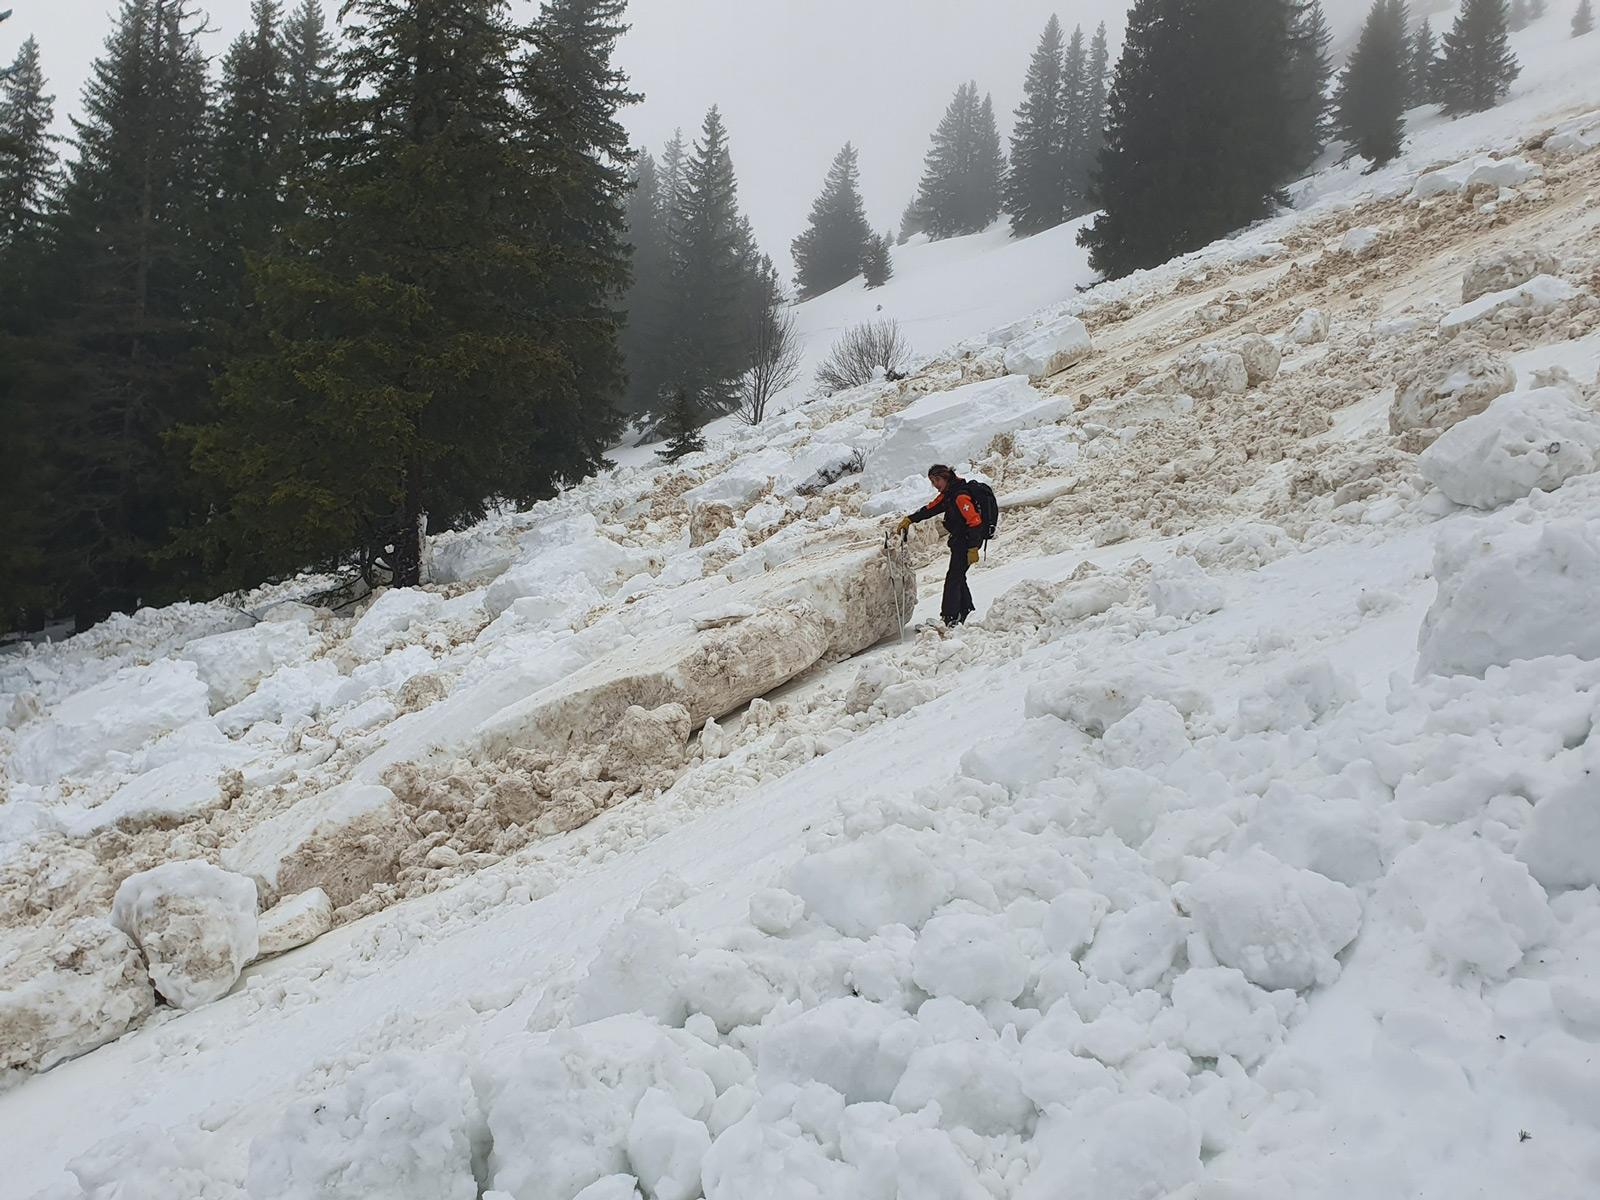 Am Freitag 31.01.2020 gingen vielerorts Nass- und Gleitschneelawinen ab. Das Bild wurde auf der Nordseite des Le Moléson (1.600 m, Gruyéres) gemacht. Foto: B. Grandjean/31.01.2020